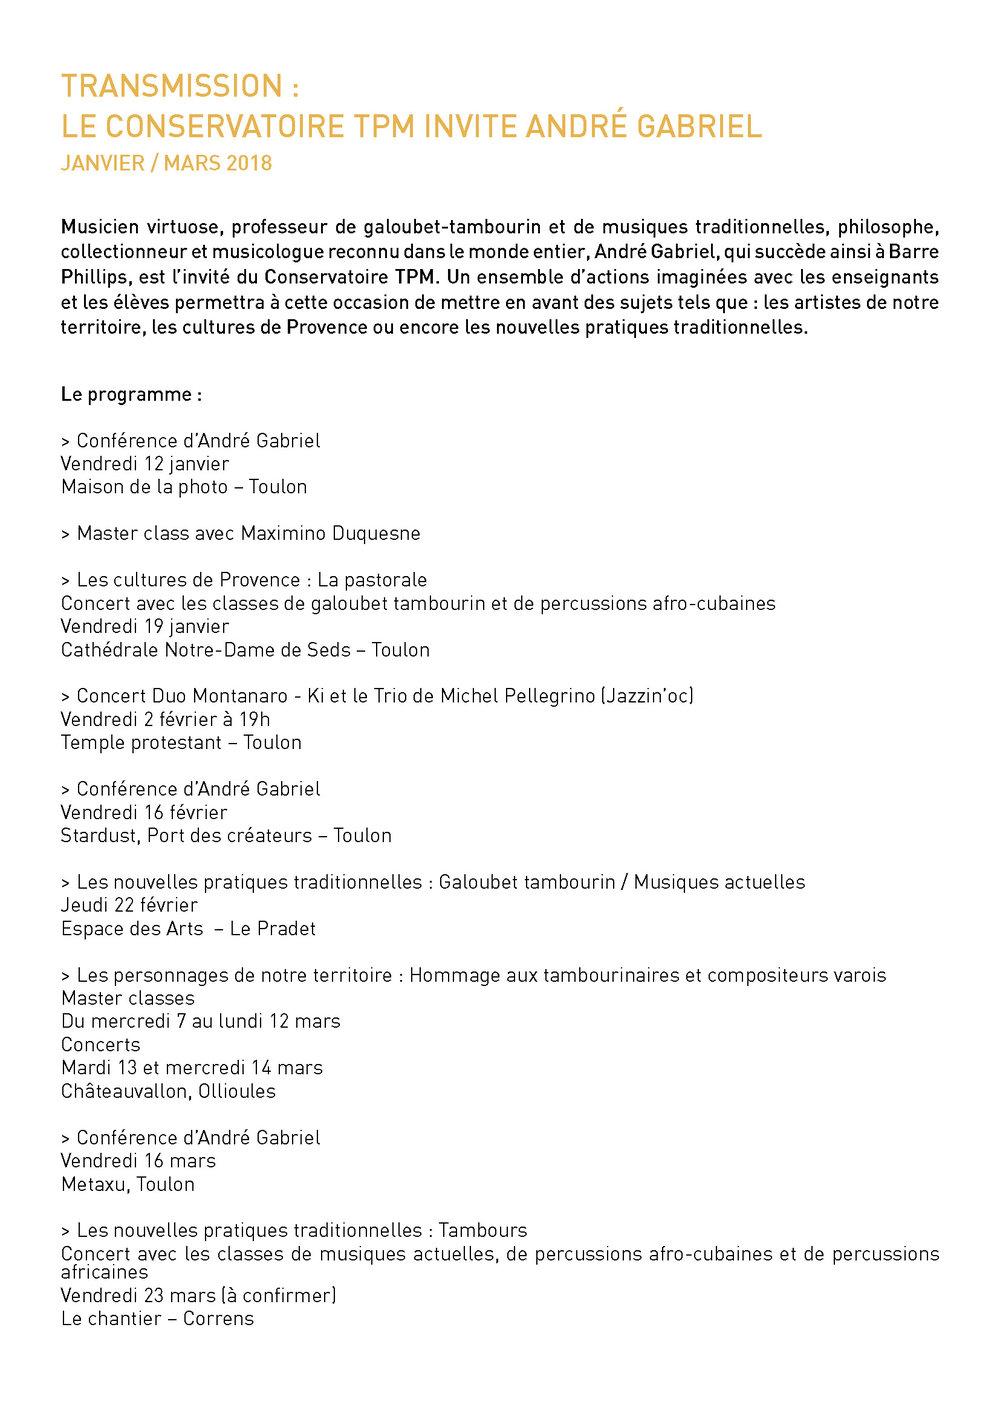 programme_conservatoire_tpm_saison_2017-2018_Page_08.jpg